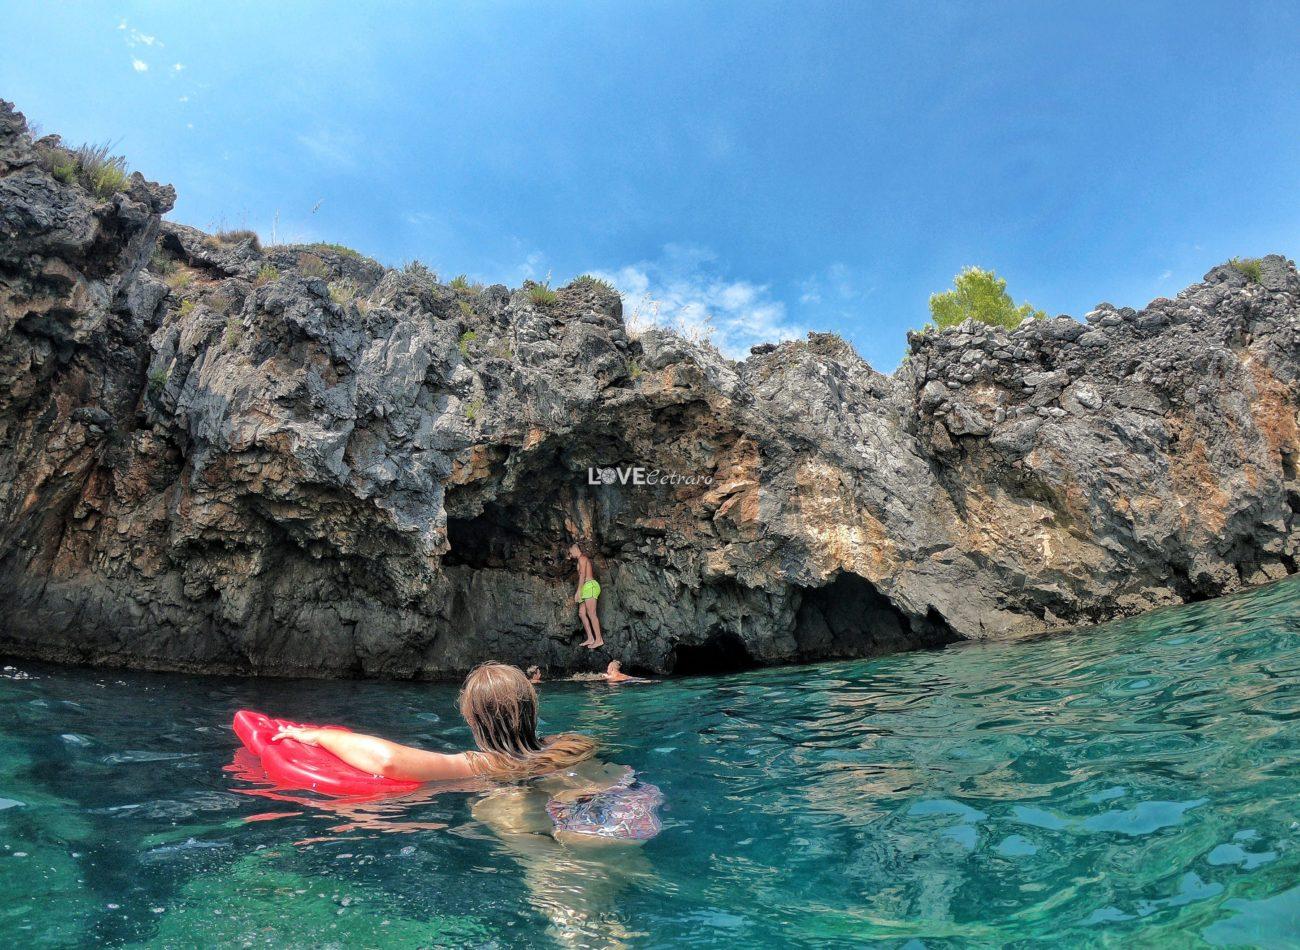 escursione-barca-calabria-scalea-calabria-grotta-della-pecora (2)-min